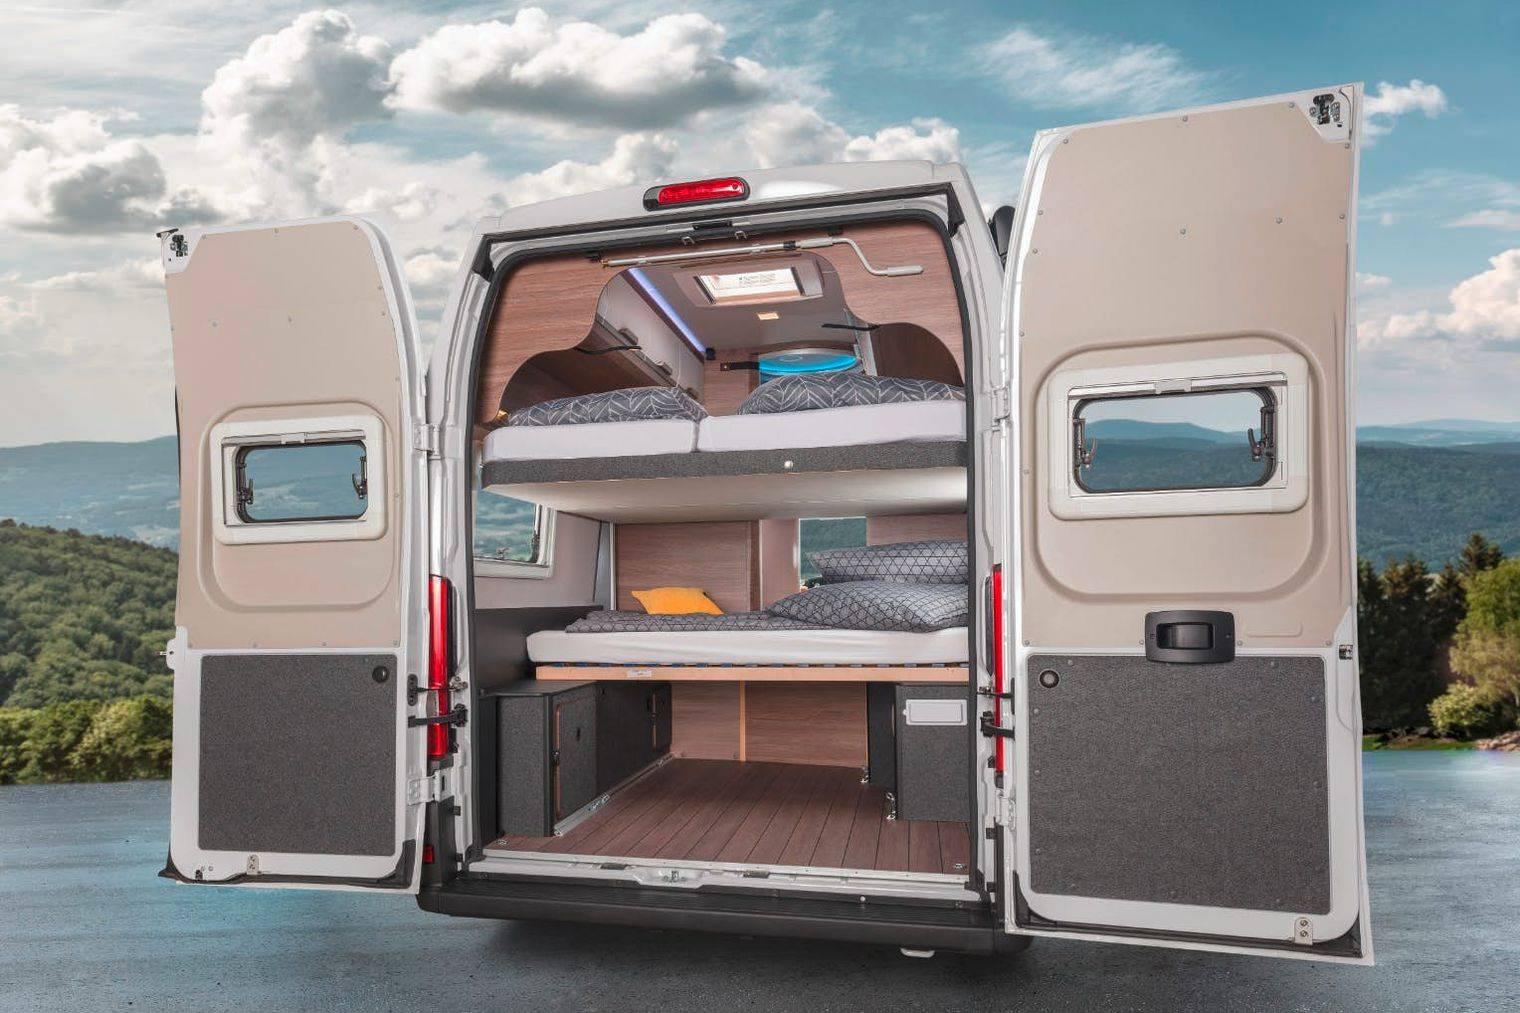 这辆露营面包车,能解决多人出游房车不够睡的难题